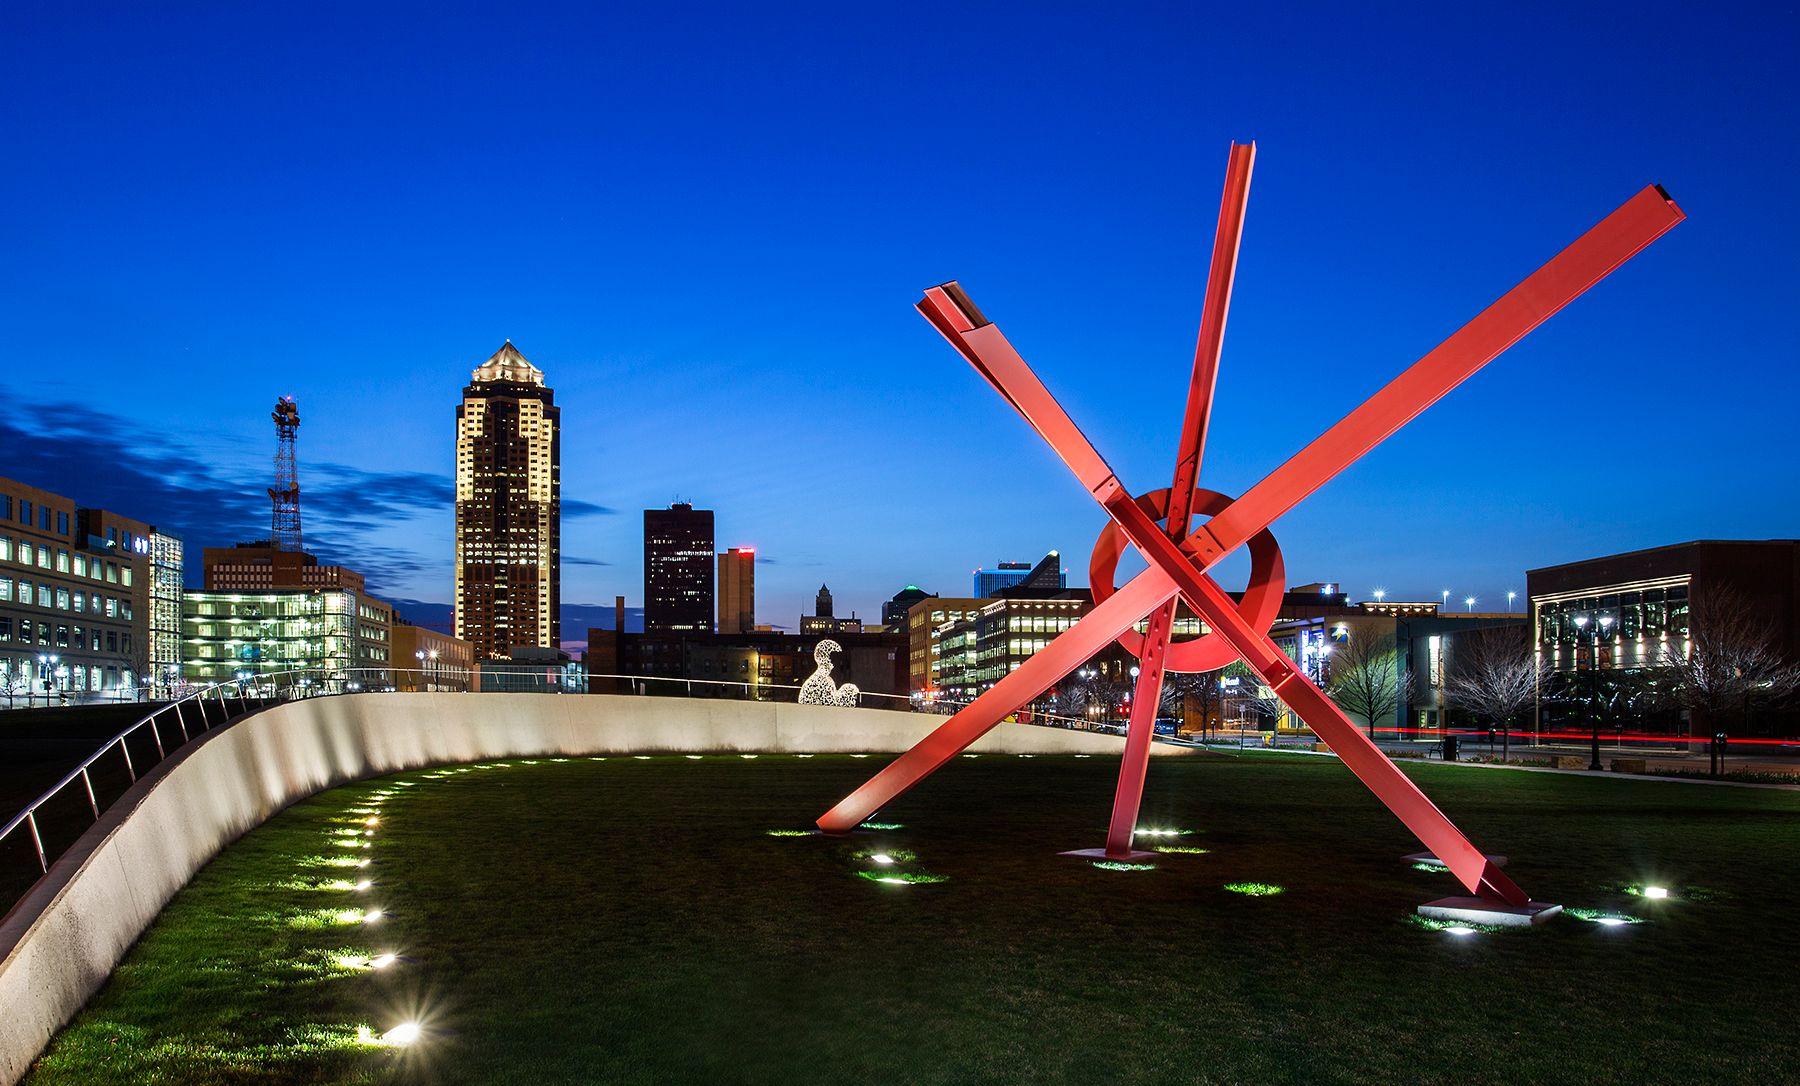 sculpture.park1.jpg